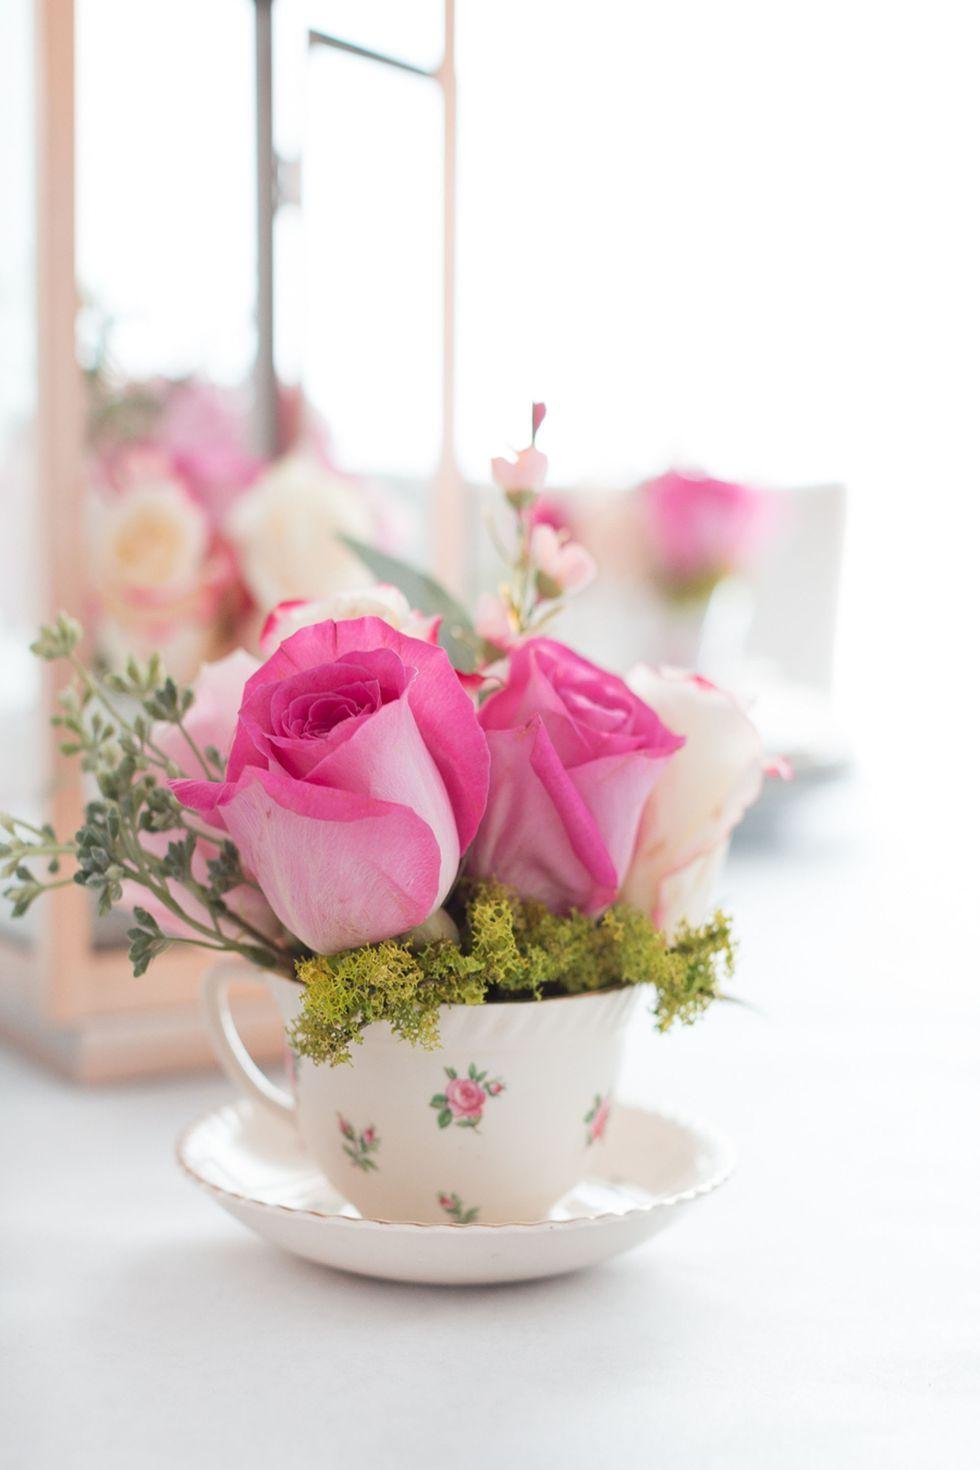 52 easy diy flower arrangements thatll instantly brighten